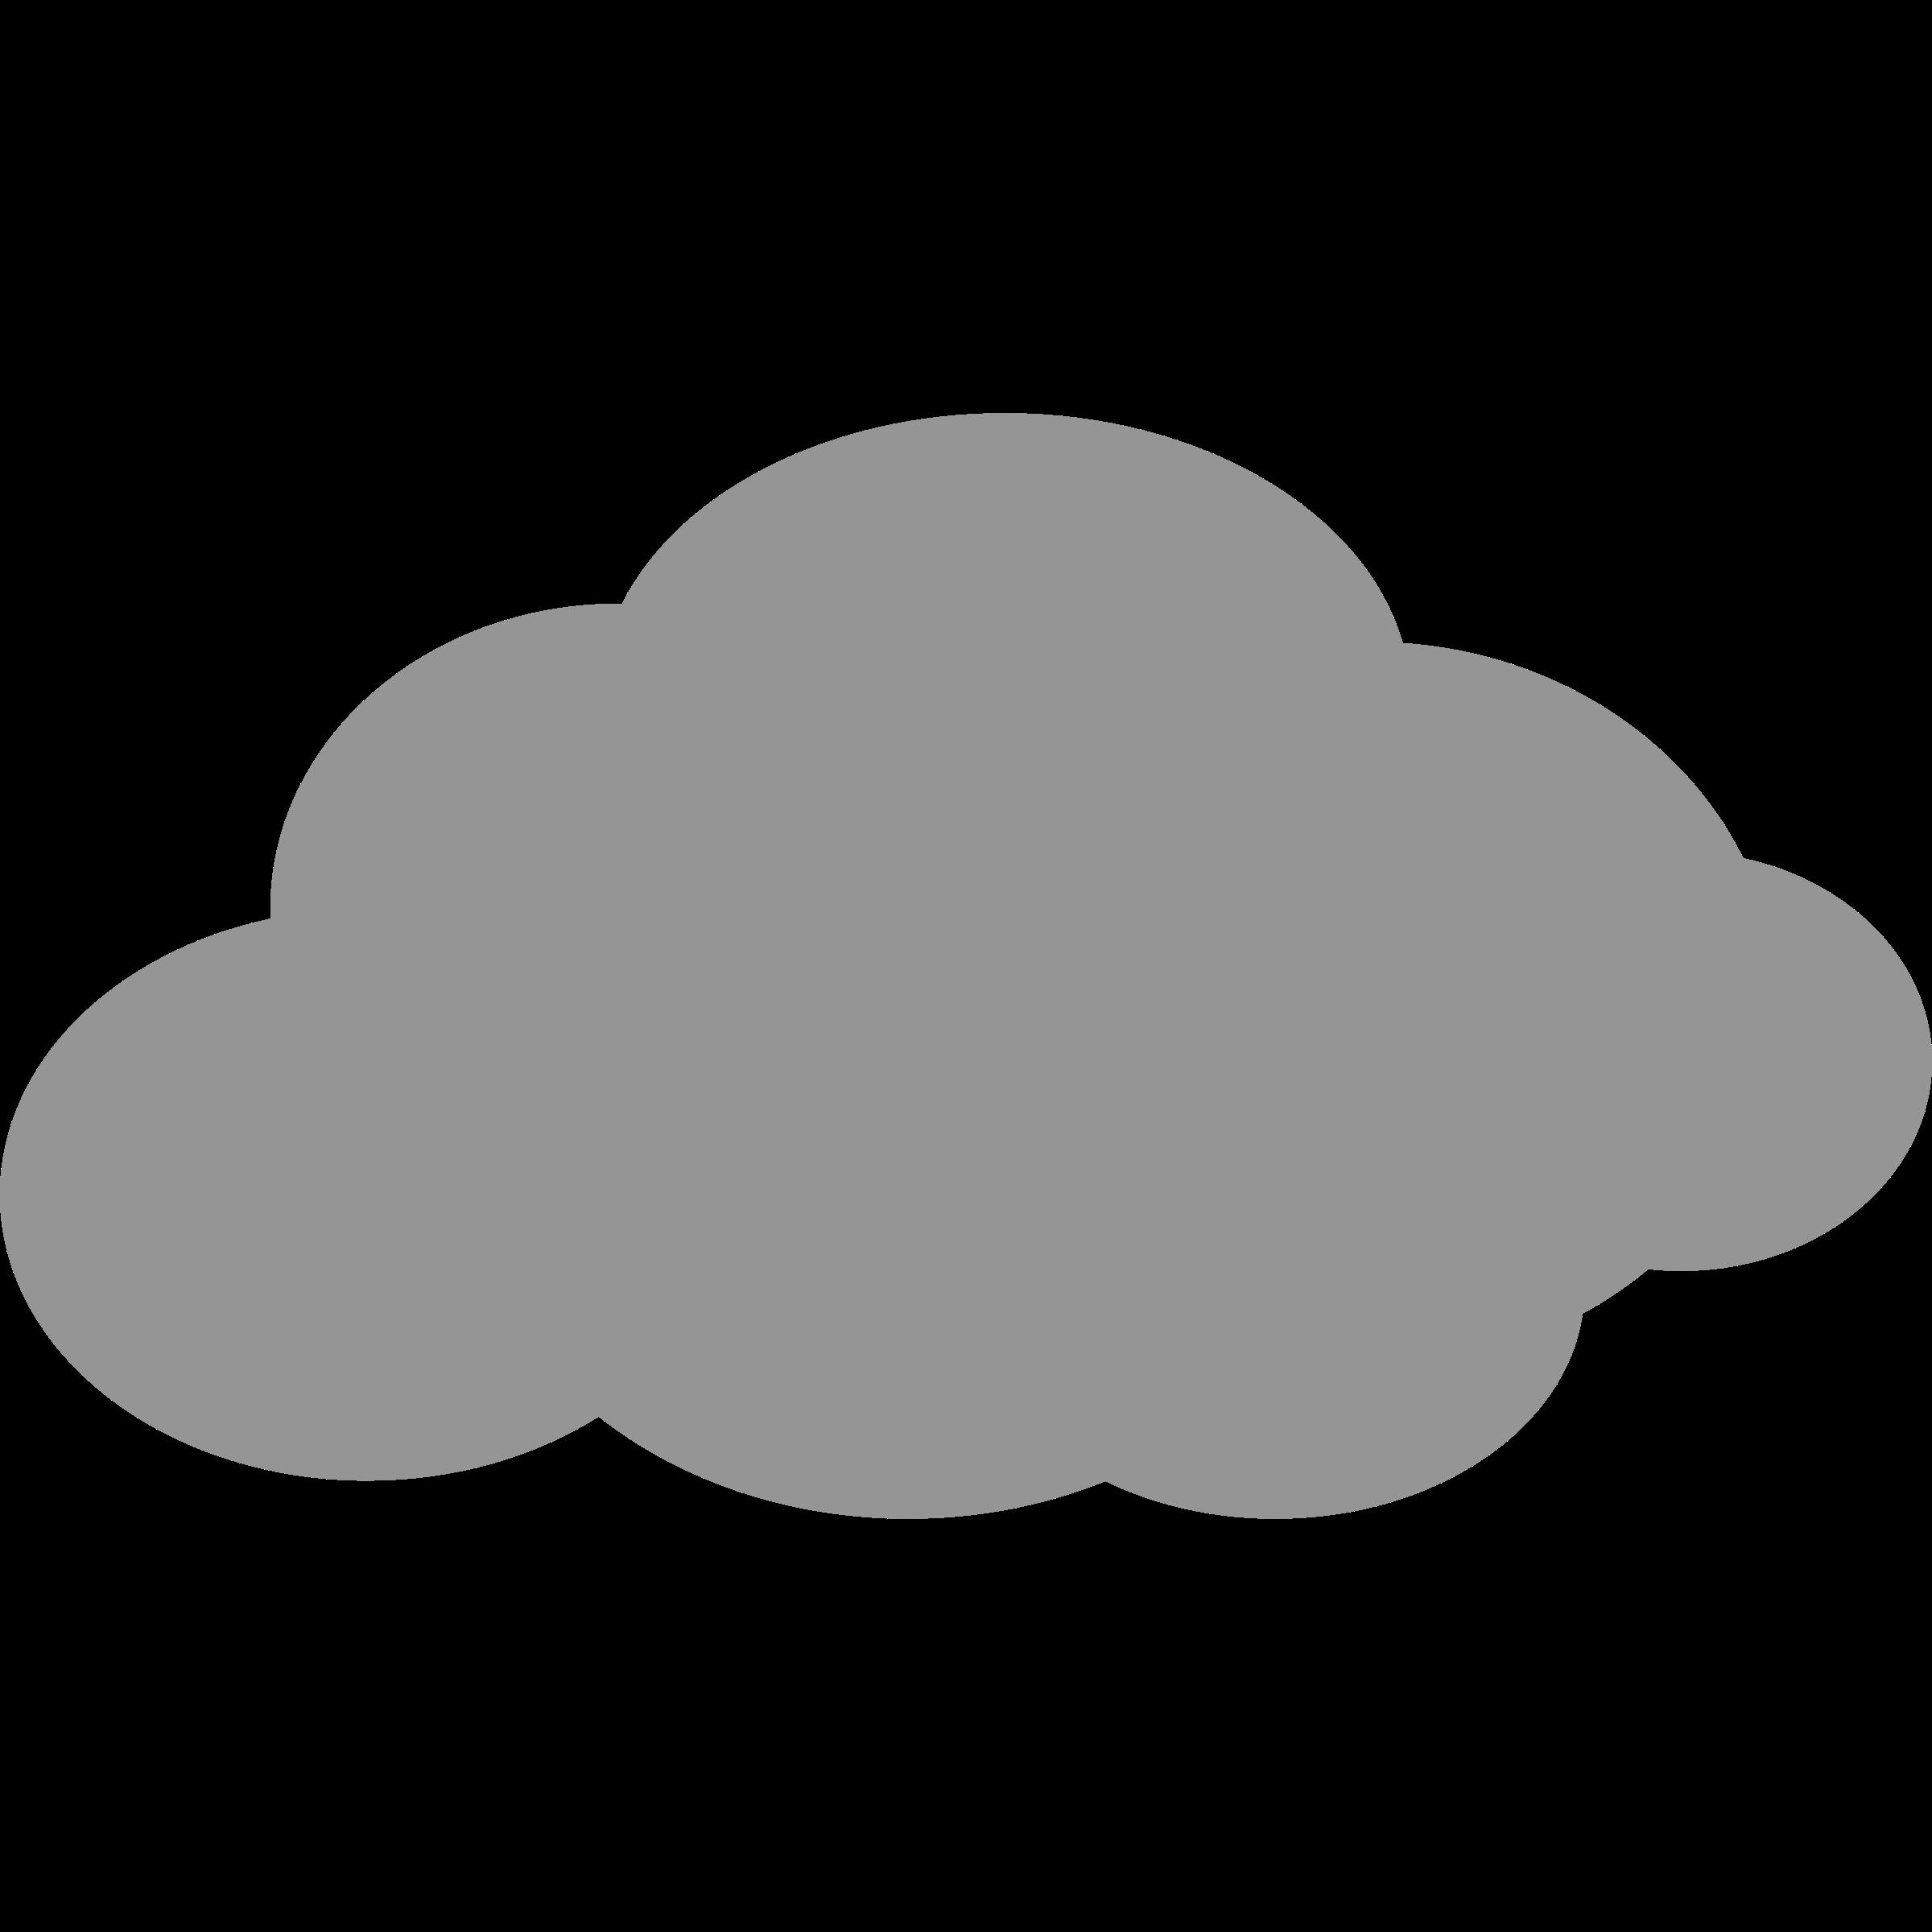 Clipart cloud grey. Outline of image clipartix